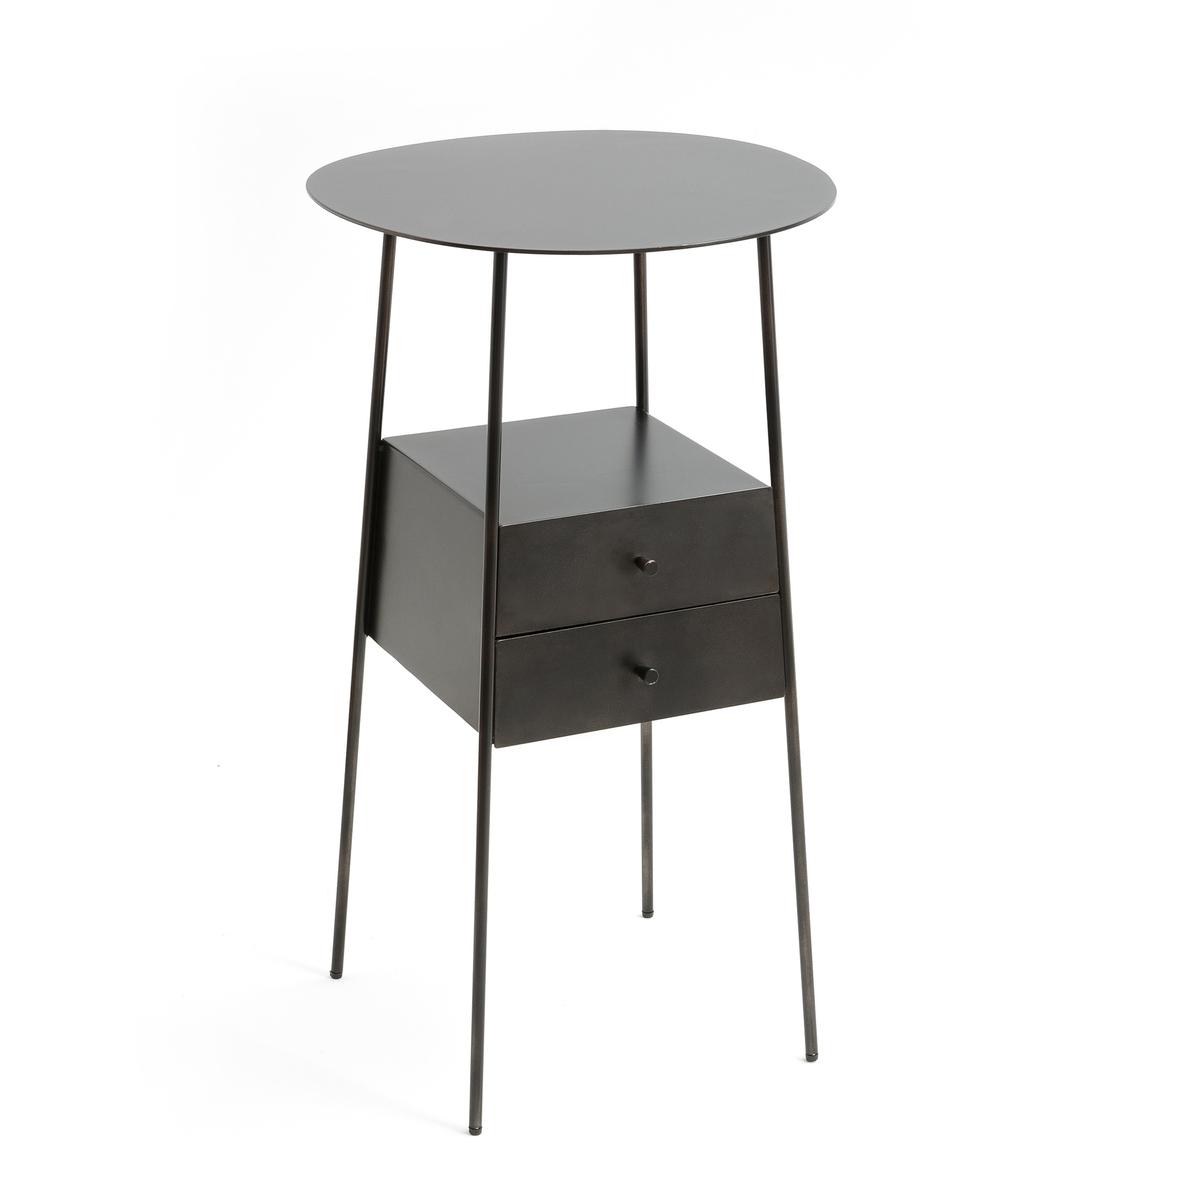 Столик прикроватный из металла, Osasun столик прикроватный в винтажном стиле jimi